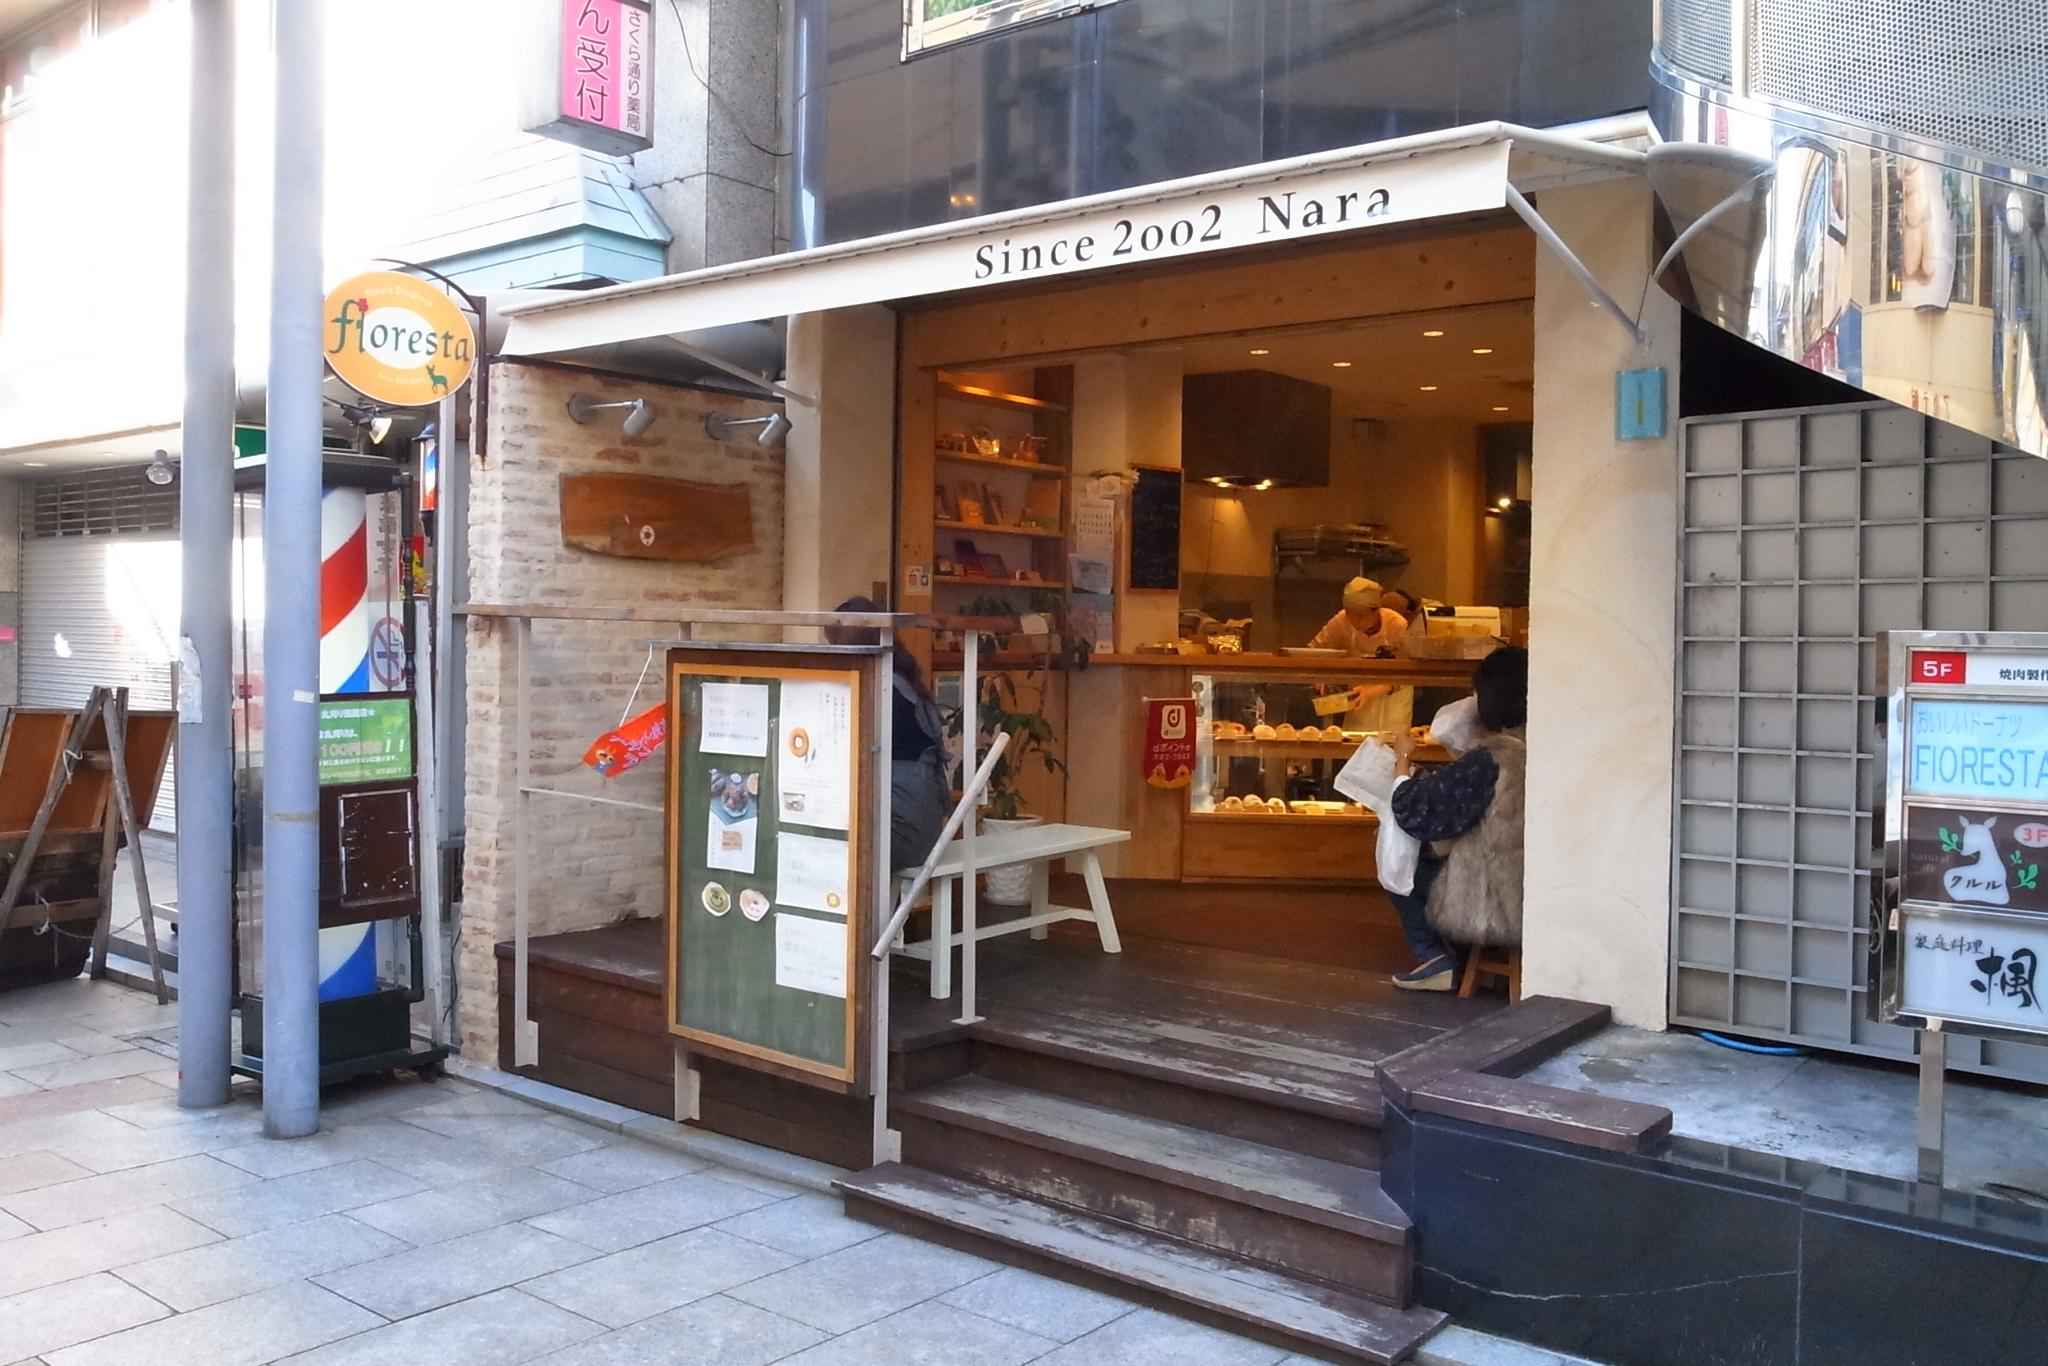 アルテ館の向かいにあるドーナツ屋「floresta」。奈良駅に来たらココのドーナツ♪